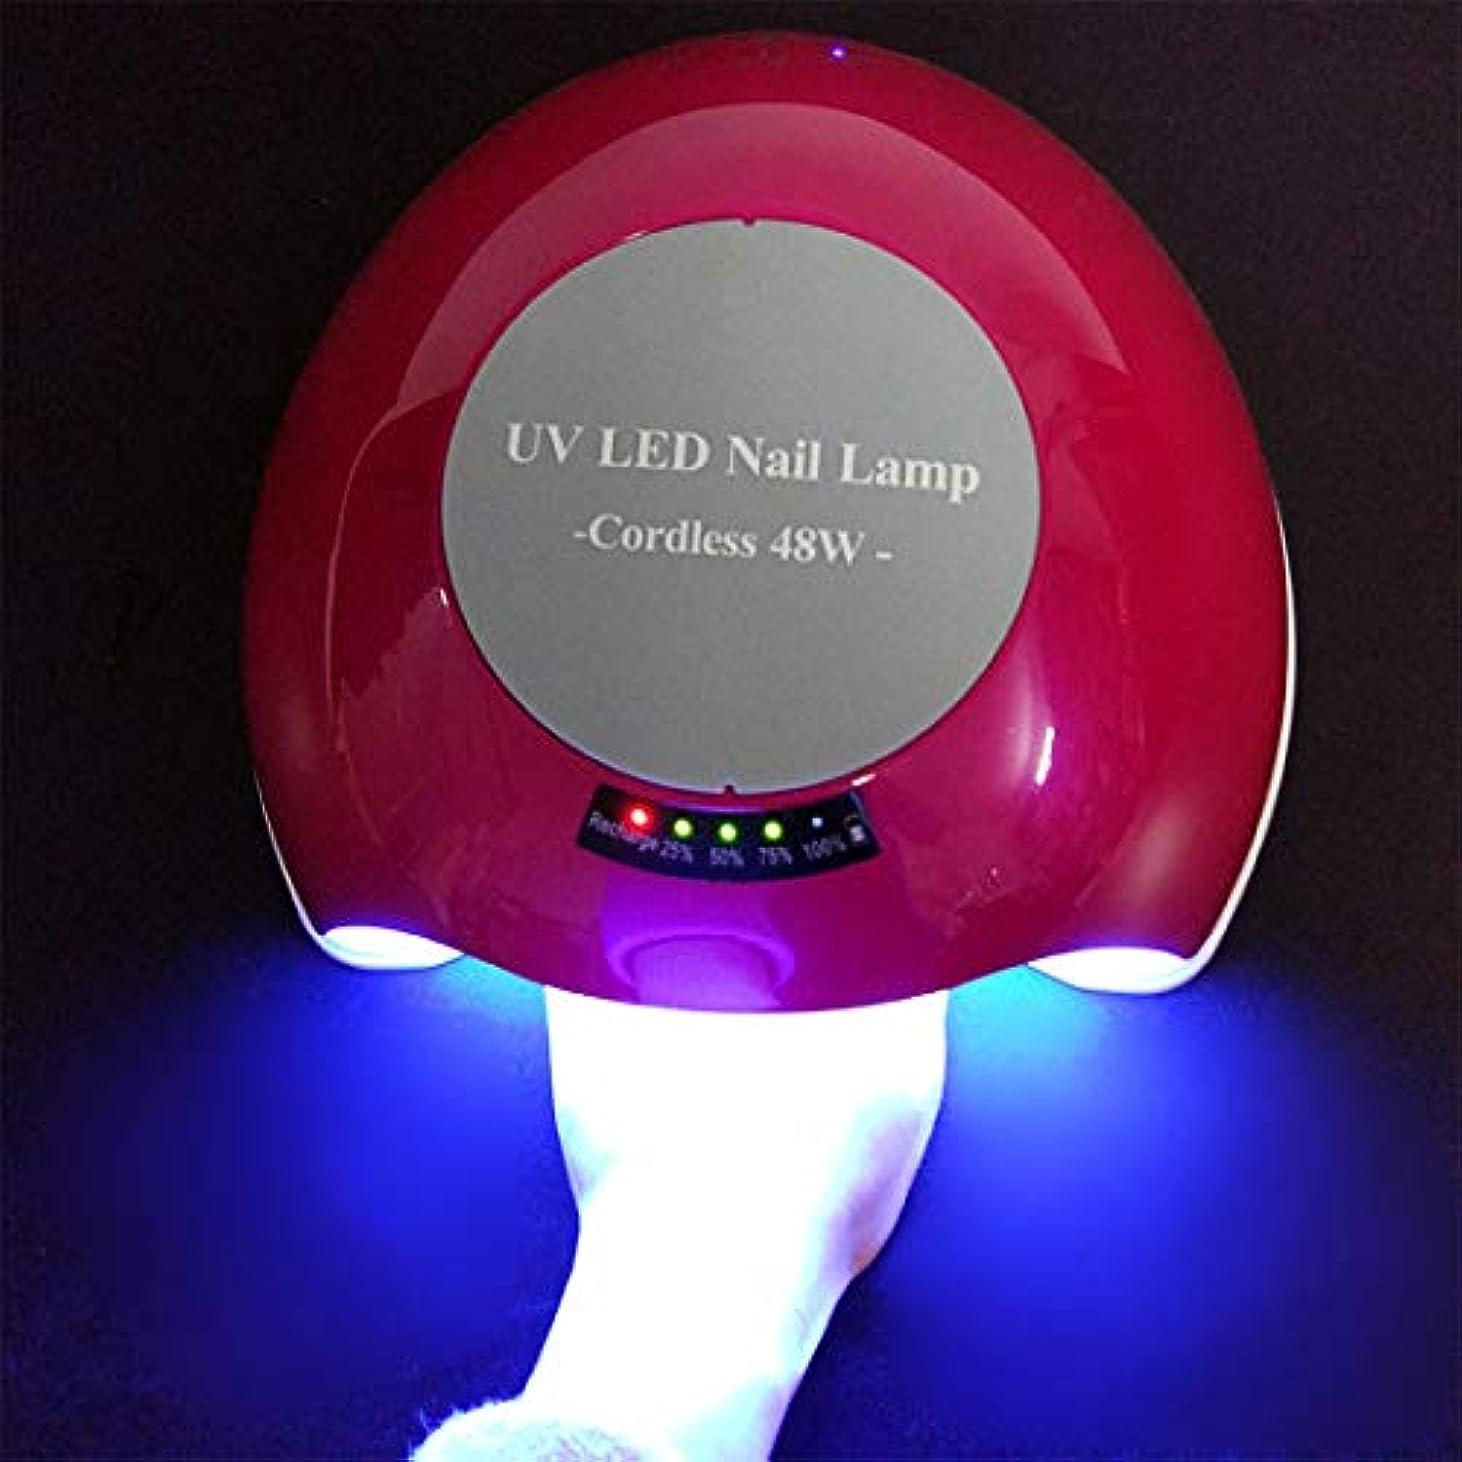 メキシコペット識別シェラックおよびゲルの釘のための48W専門の紫外線およびLEDの釘ランプそして釘のドライヤーの表示,Red